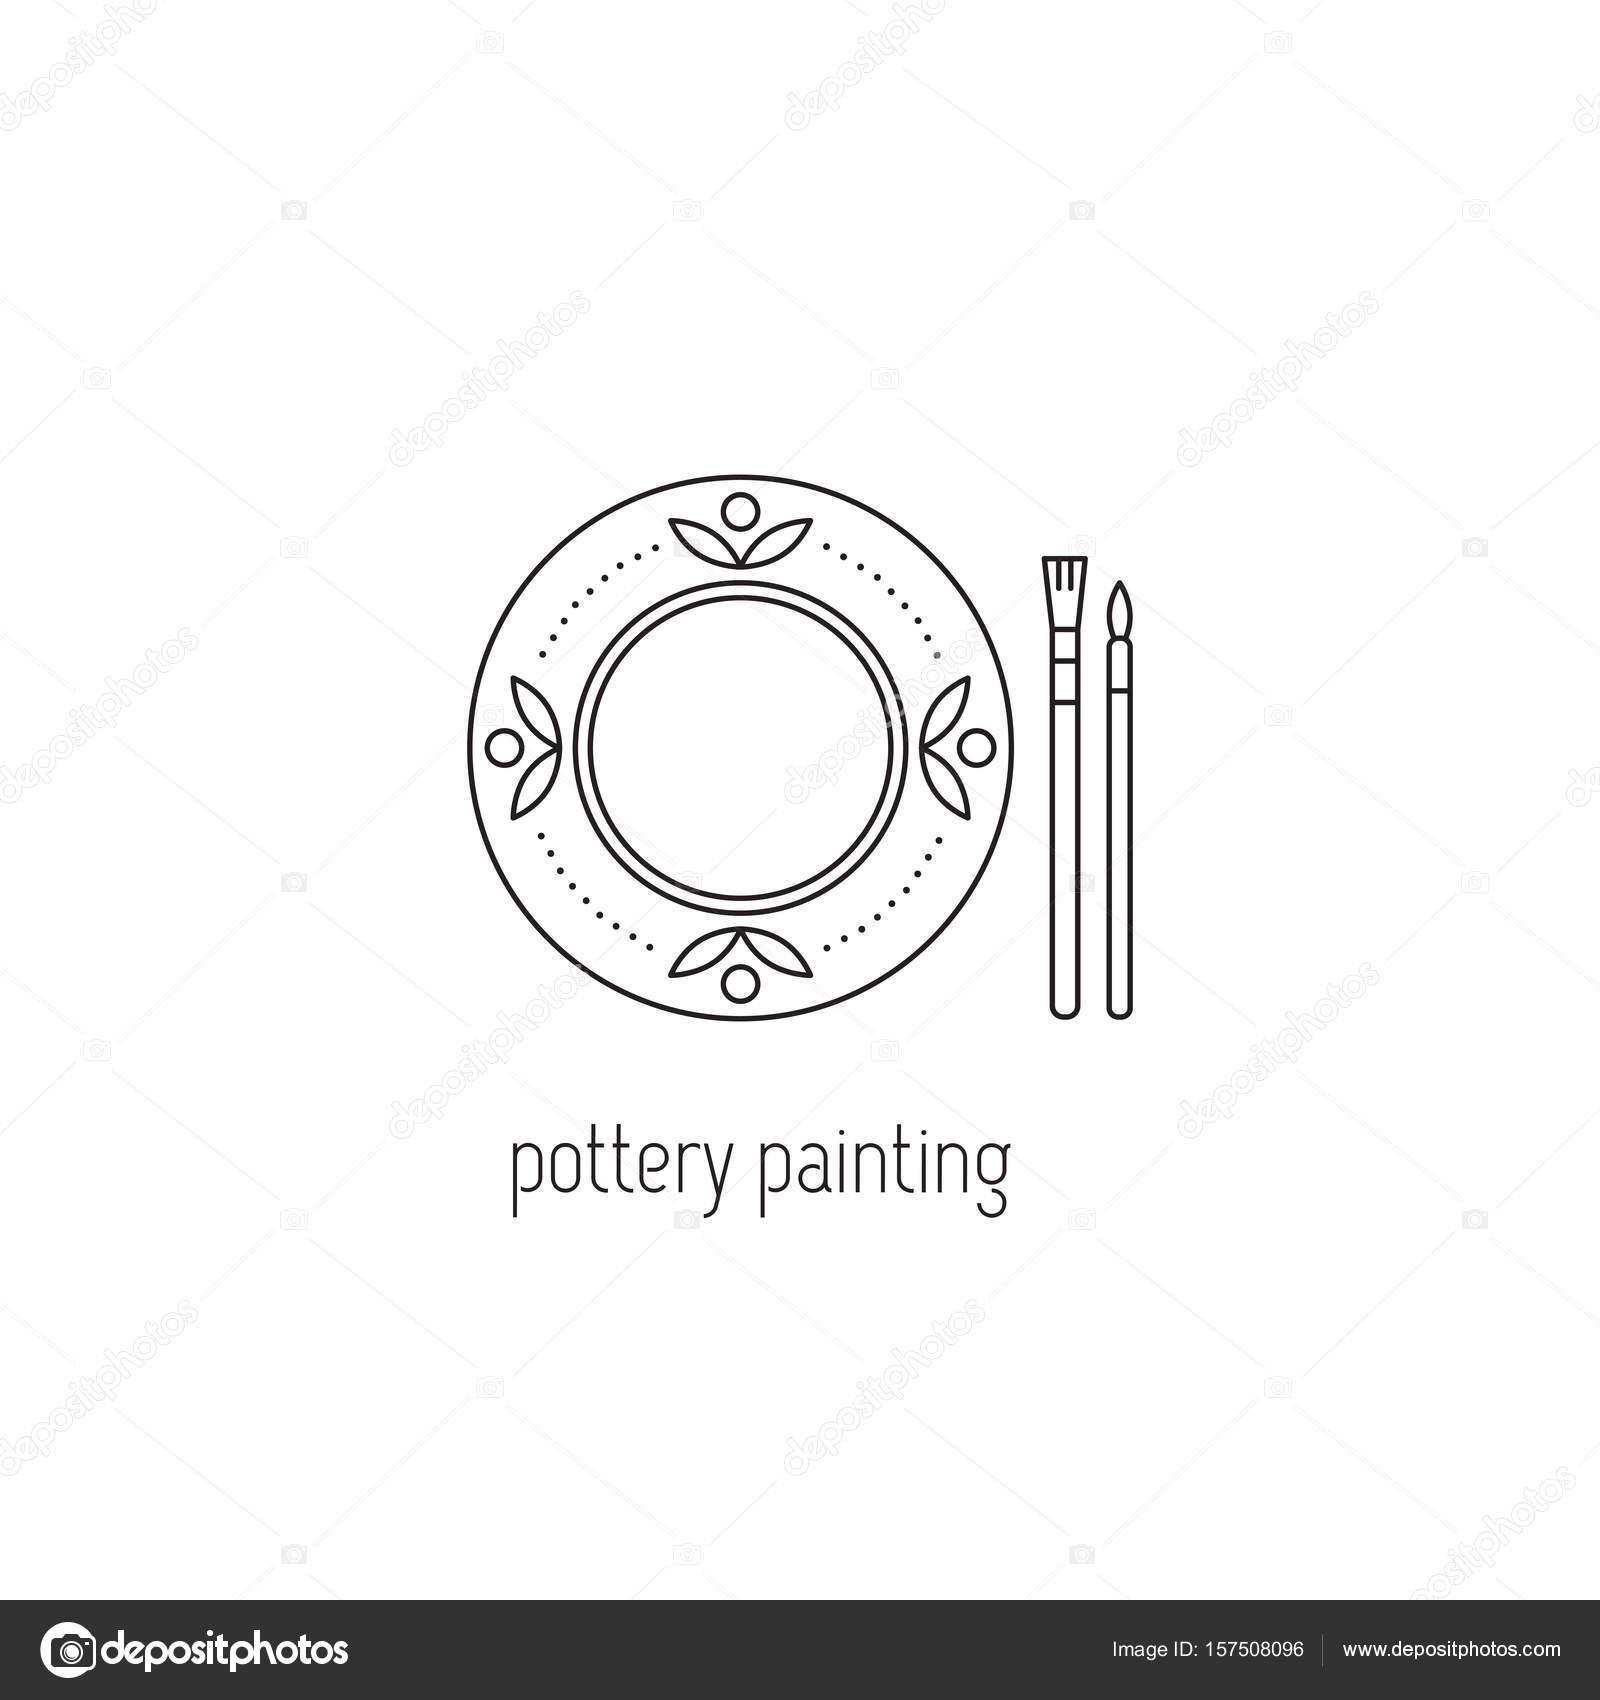 Icône de ligne peinture poterie — Image vectorielle Julia_Khimich ...